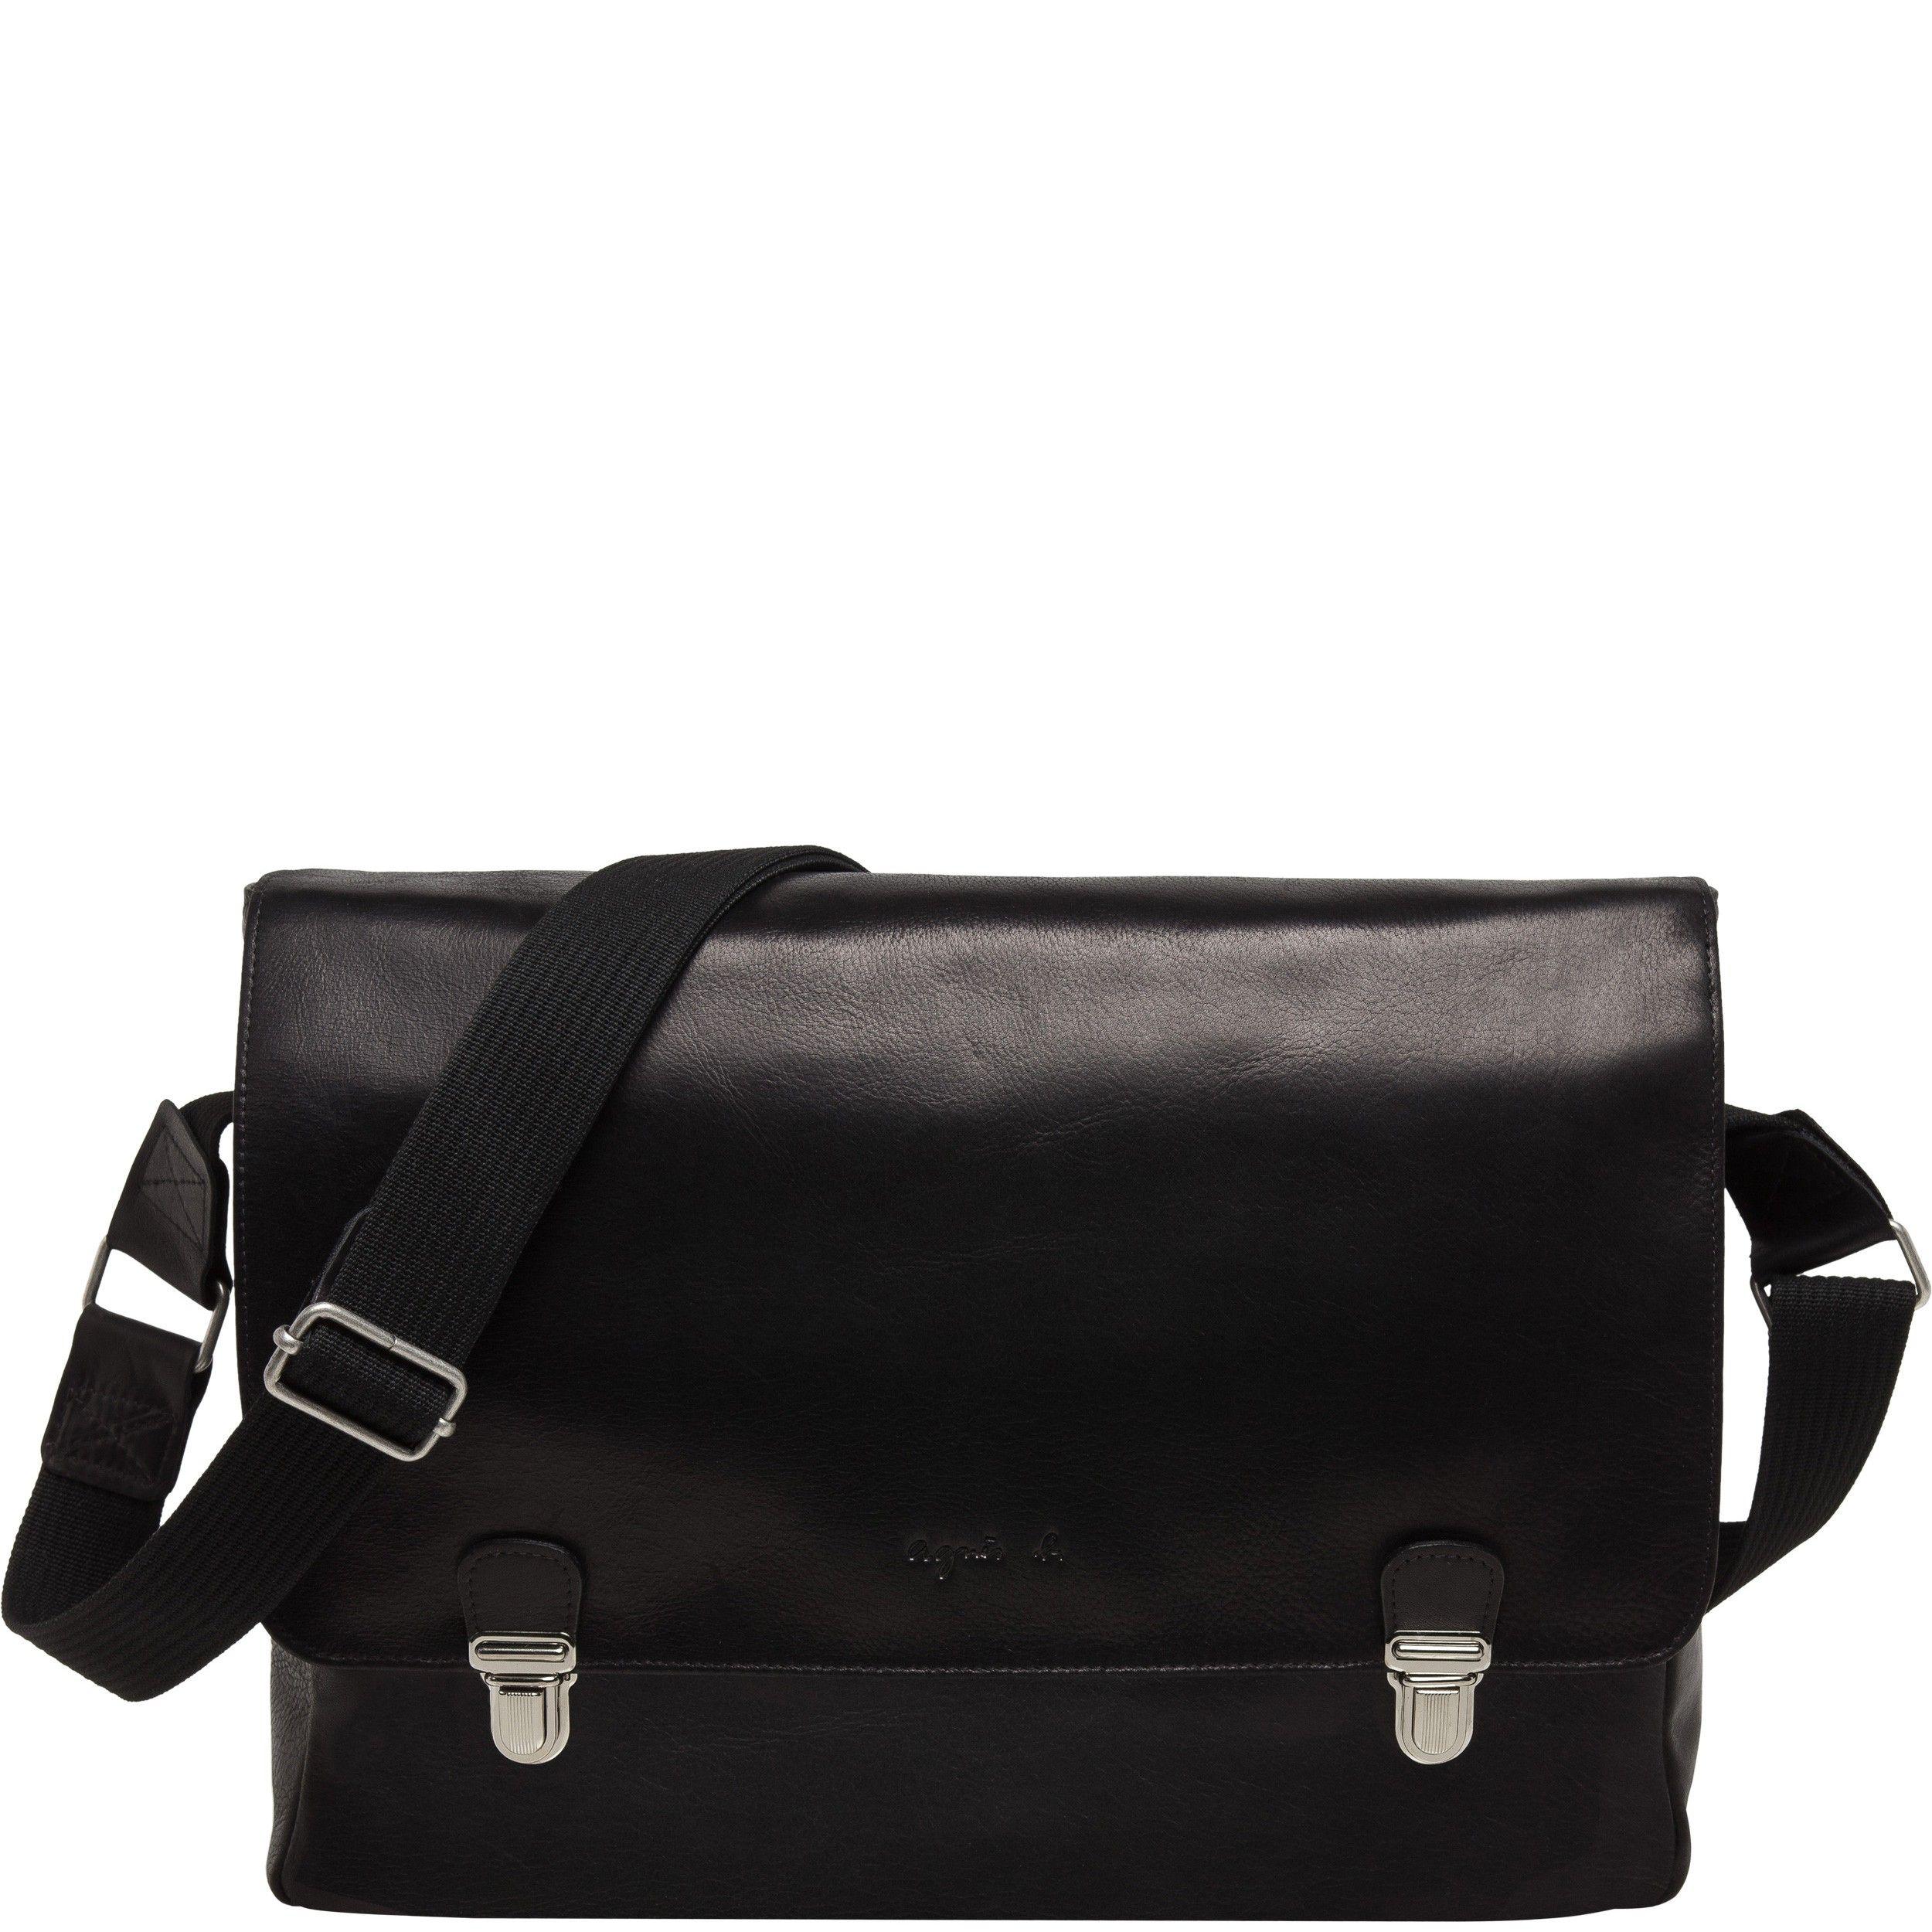 a3c48d091f Agnes b - soft leather messenger bag Agnès B, Besace, Homme Sacs, Cuir